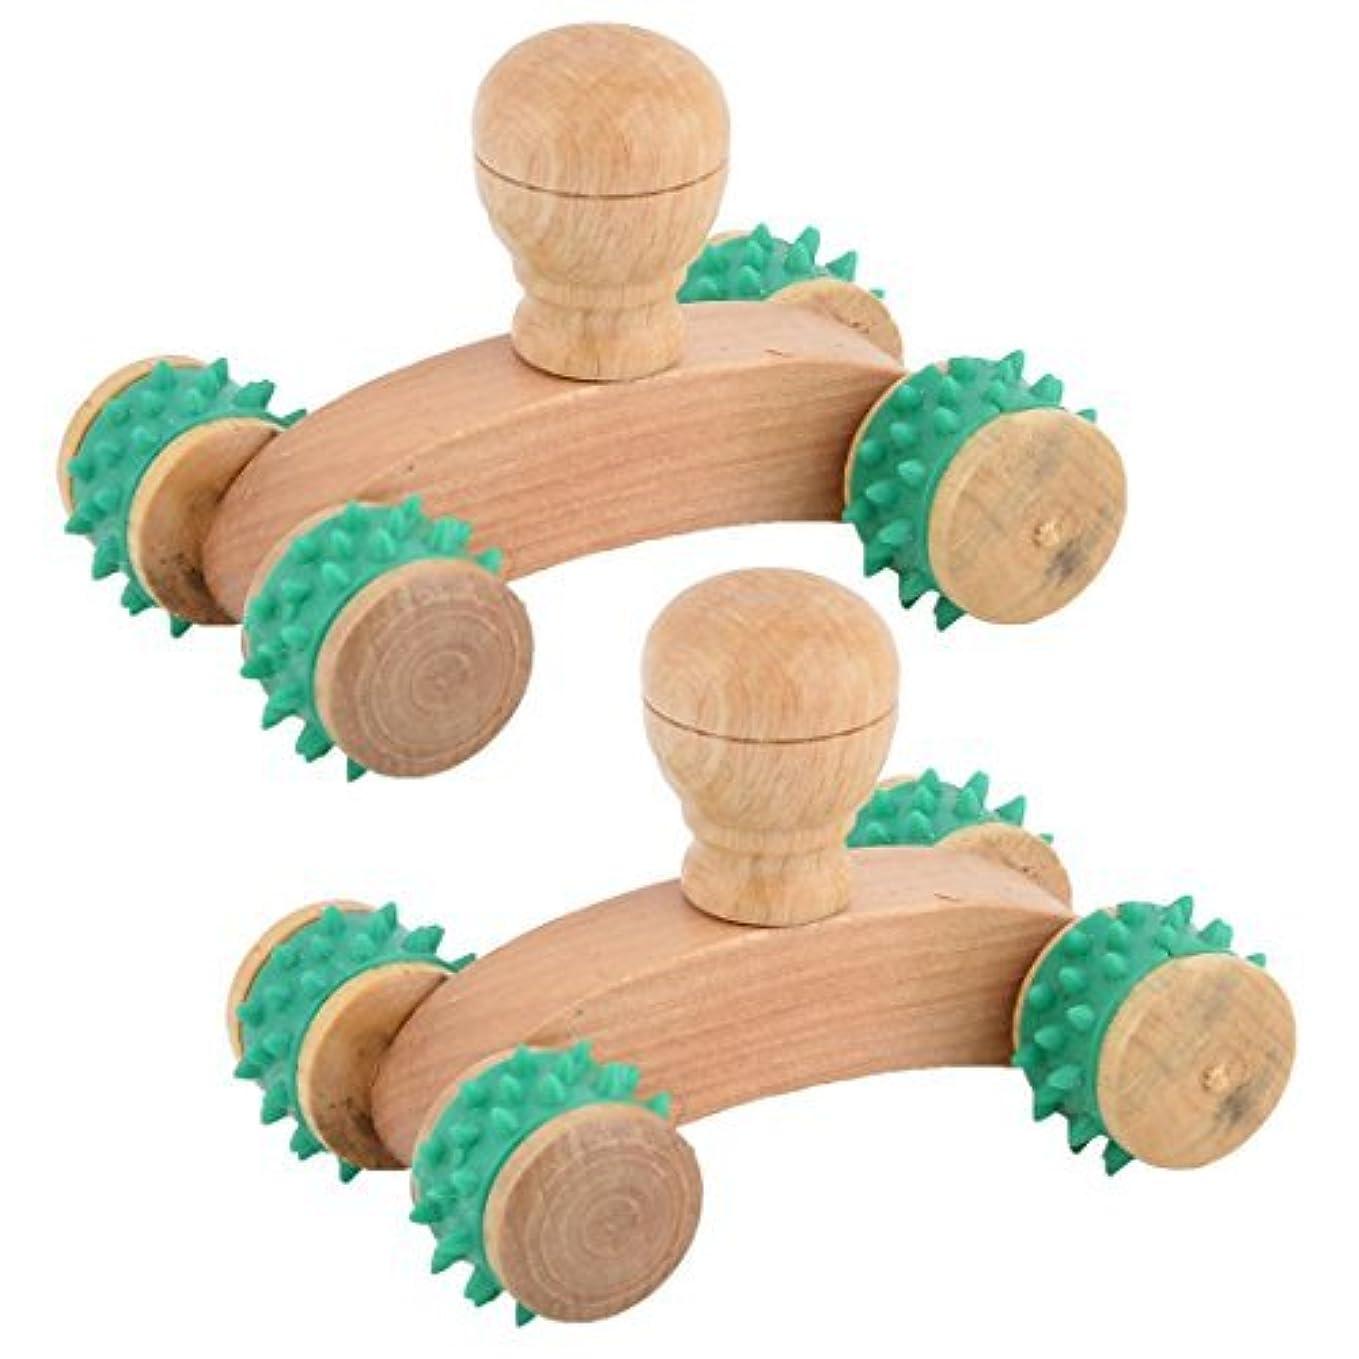 ゴミコモランマ会社グリーンDealMux木製のホームポータブルストレスリリーフボディネック筋マッサージローラー2PCS